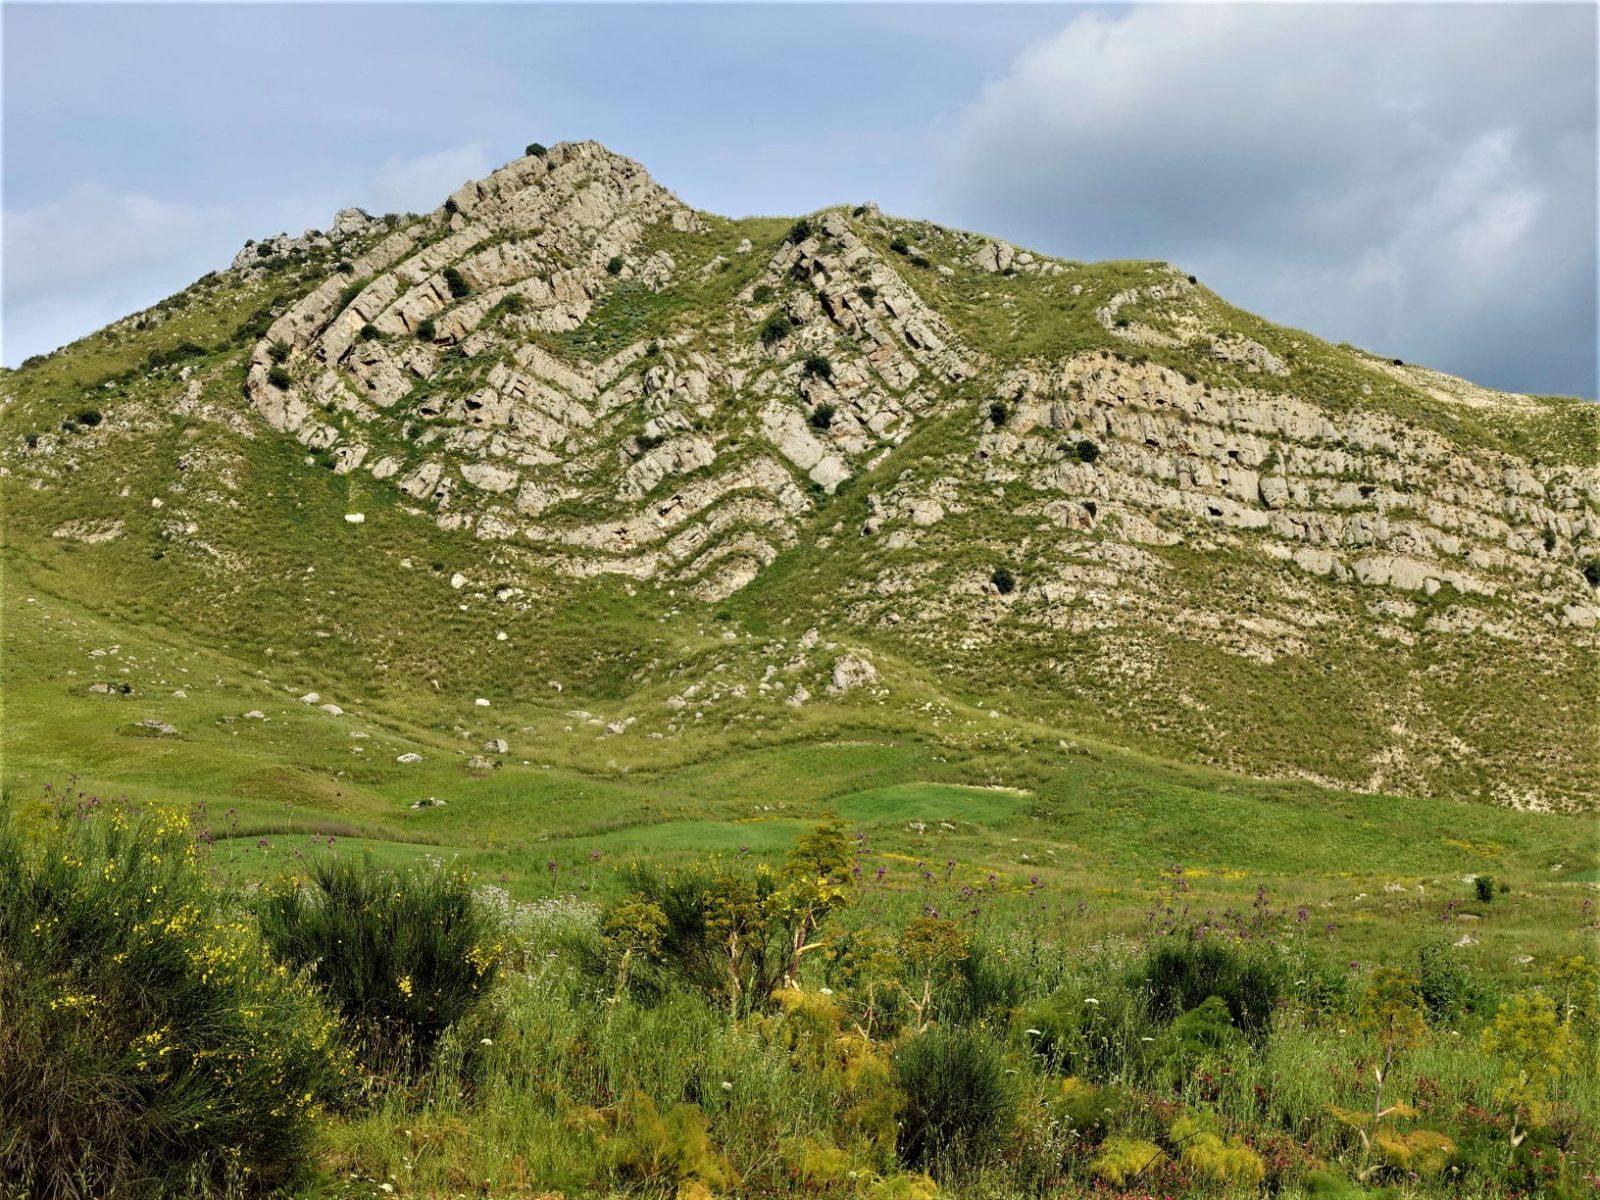 Fantastisk fjellformasjon Siilia